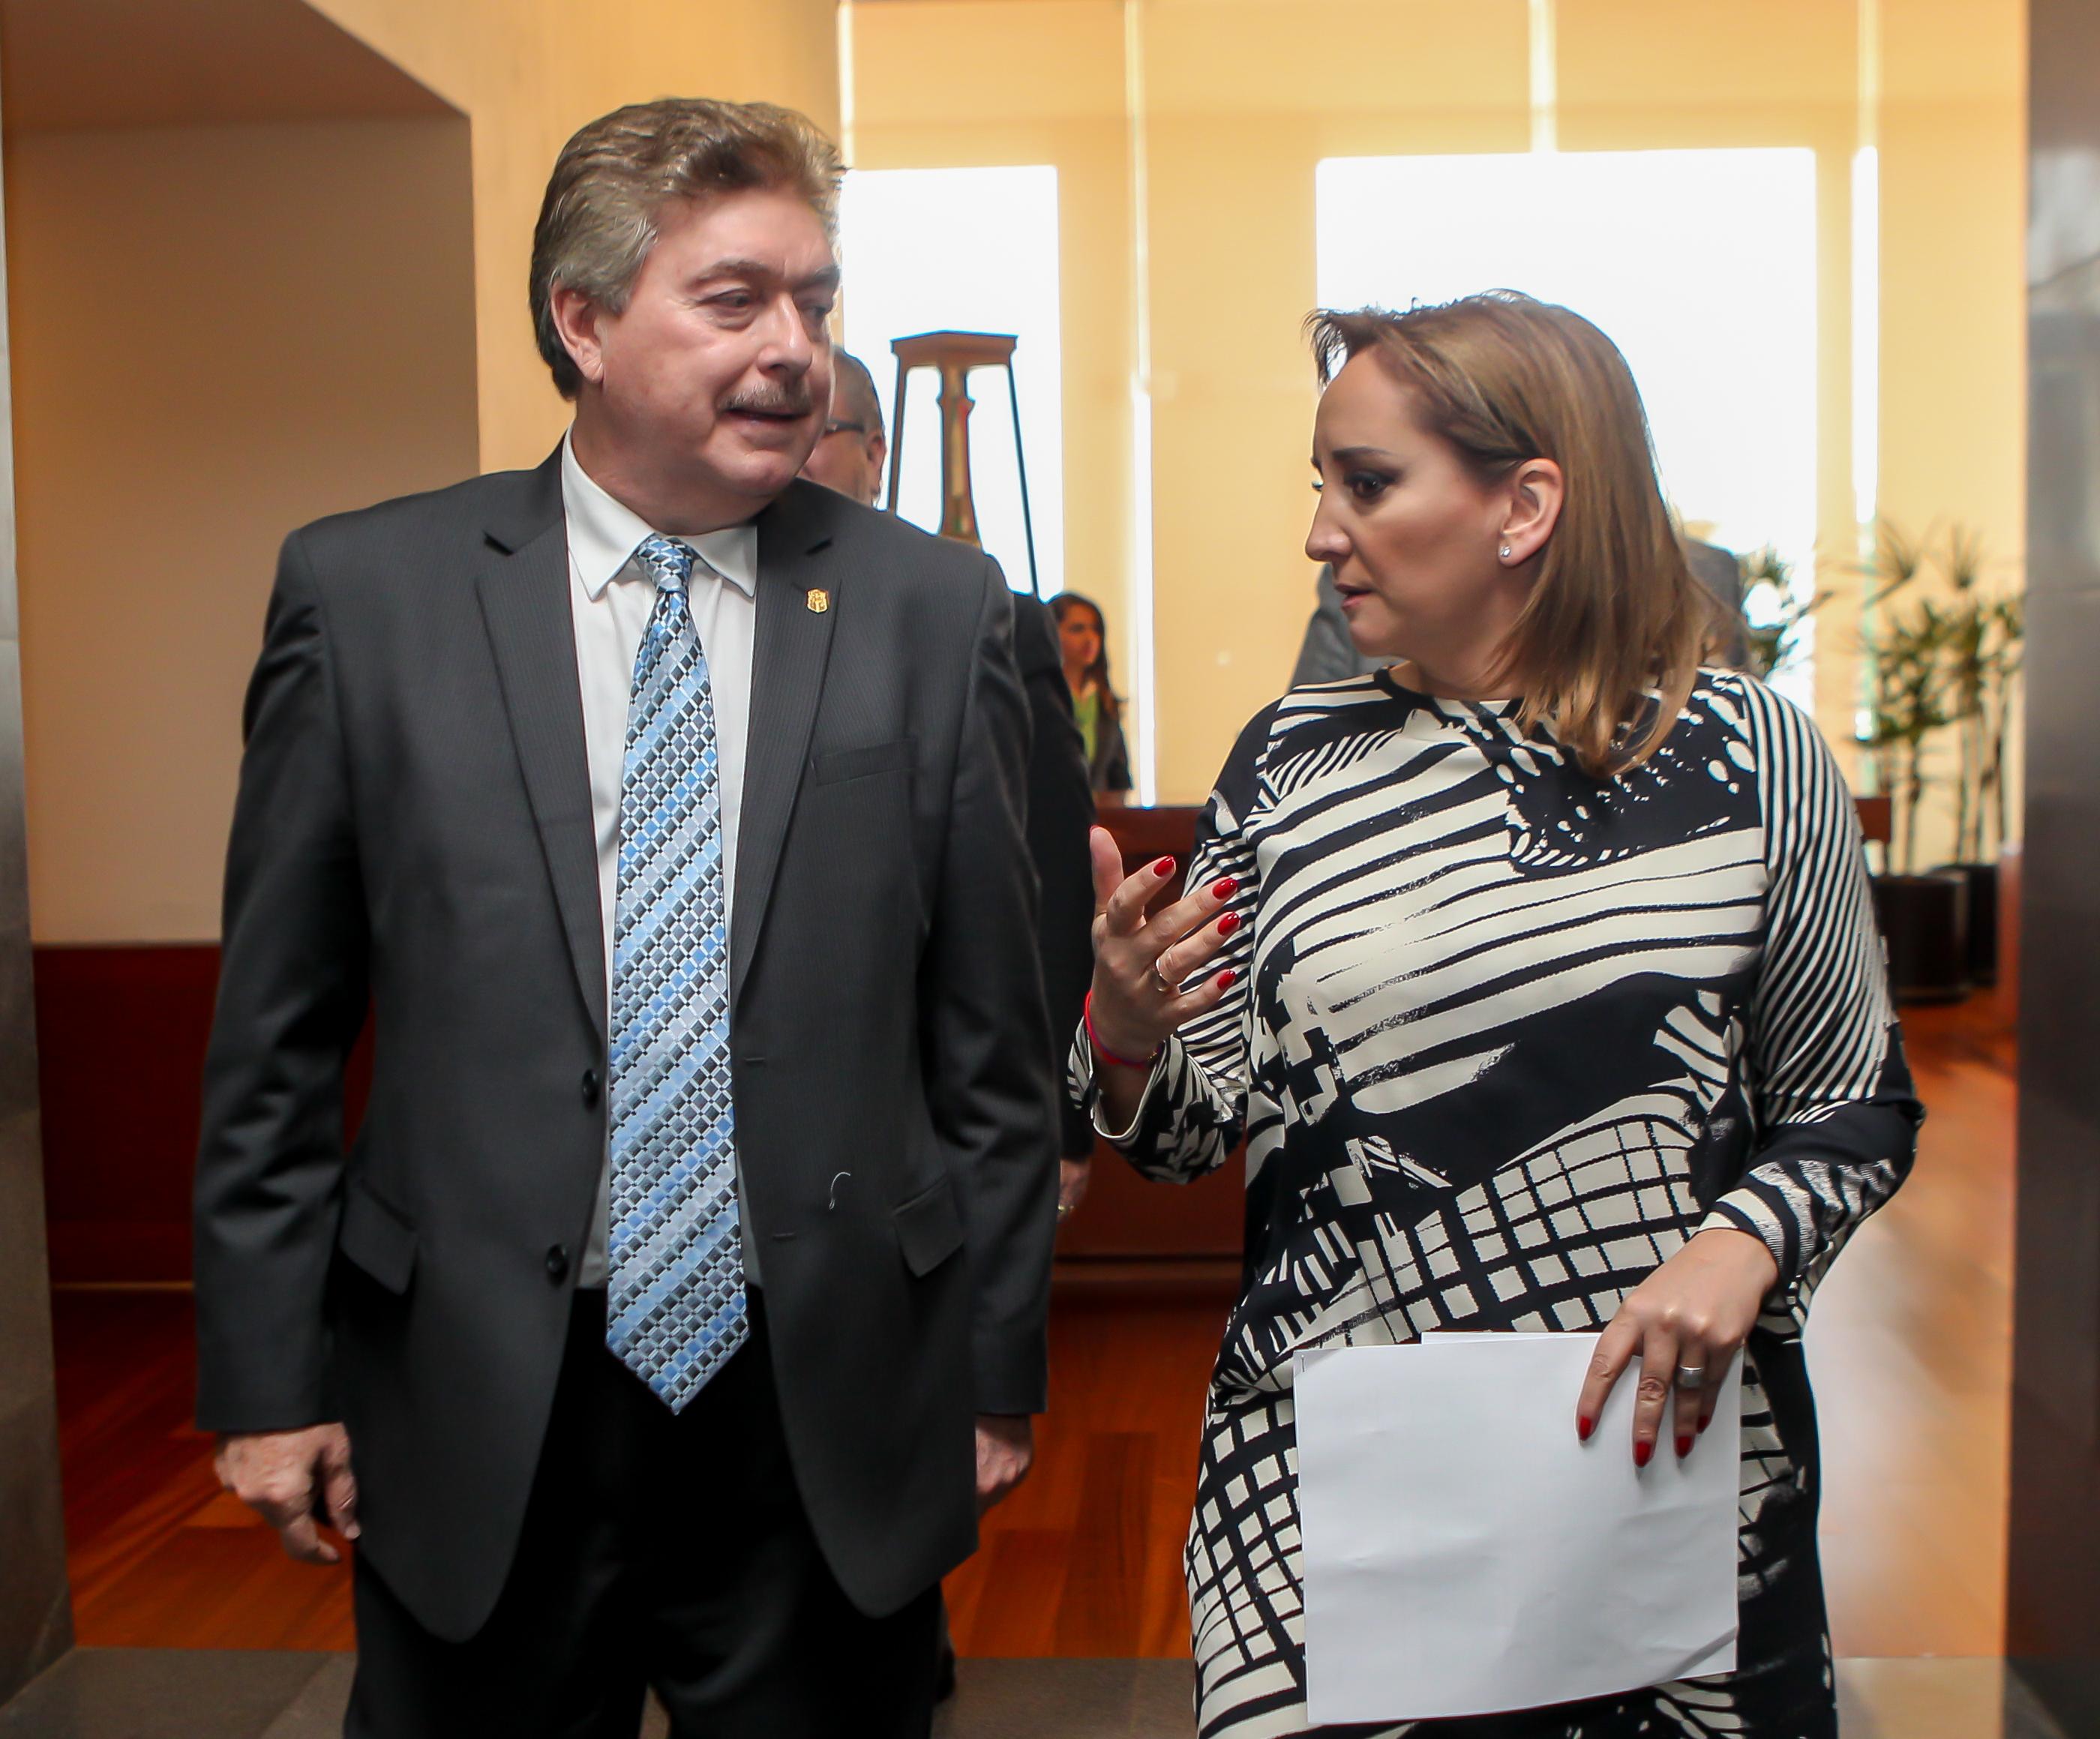 Revisan la Secretaria de Relaciones Exteriores Claudia Ruiz Massieu y el Gobernador Francisco Vega el arribo de migrantes extranjeros a Baja California